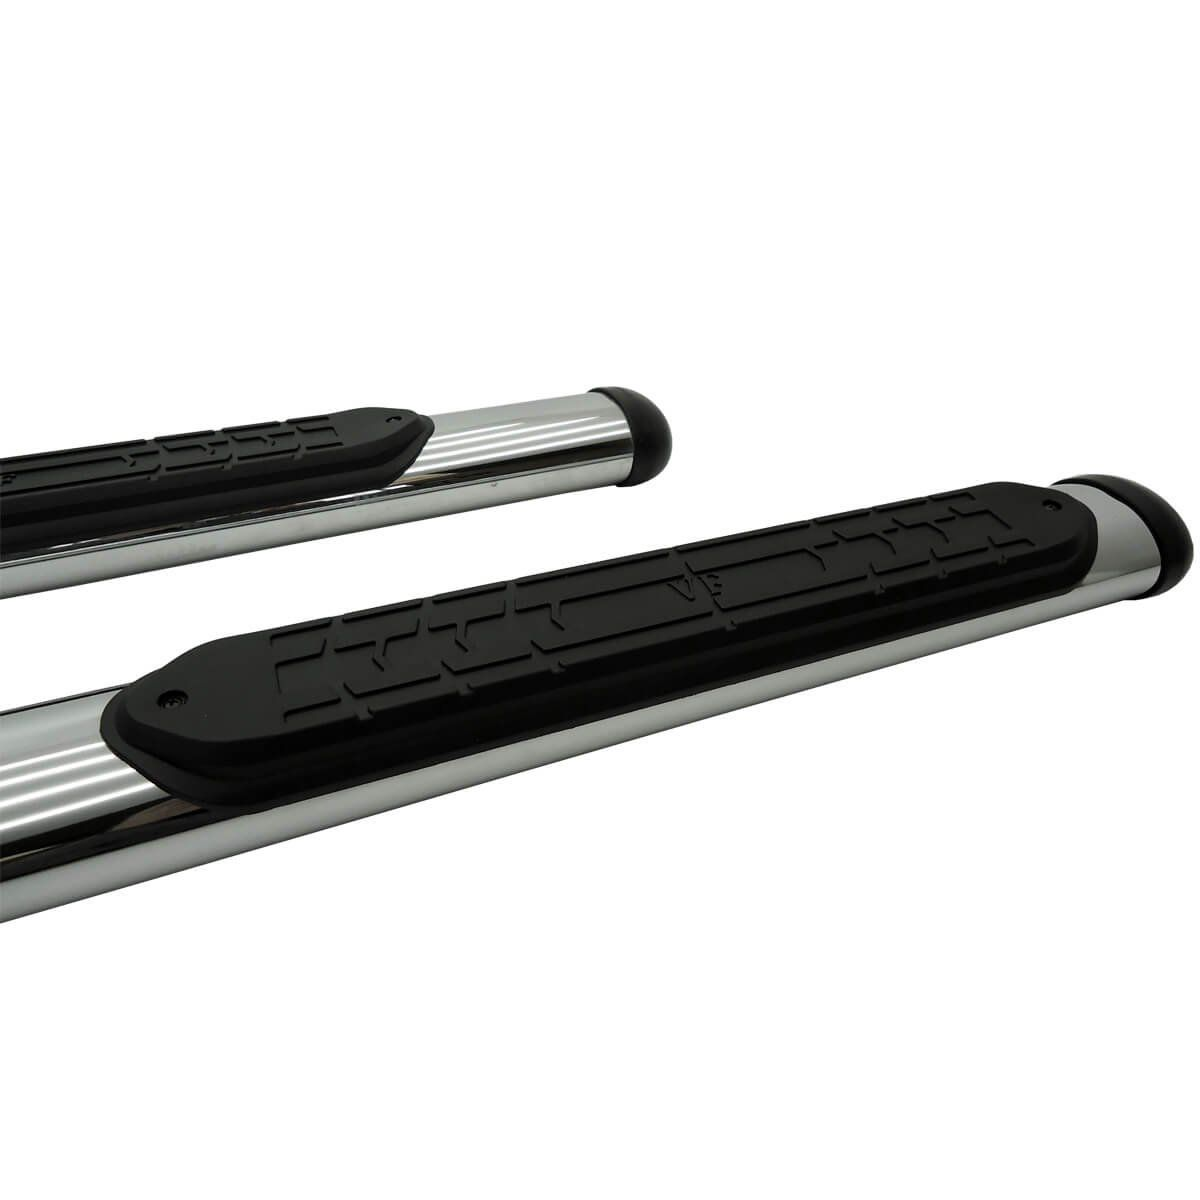 Estribo oval cromado L200 Triton Sport 2017 a 2020 e L200 Triton Outdoor 2021